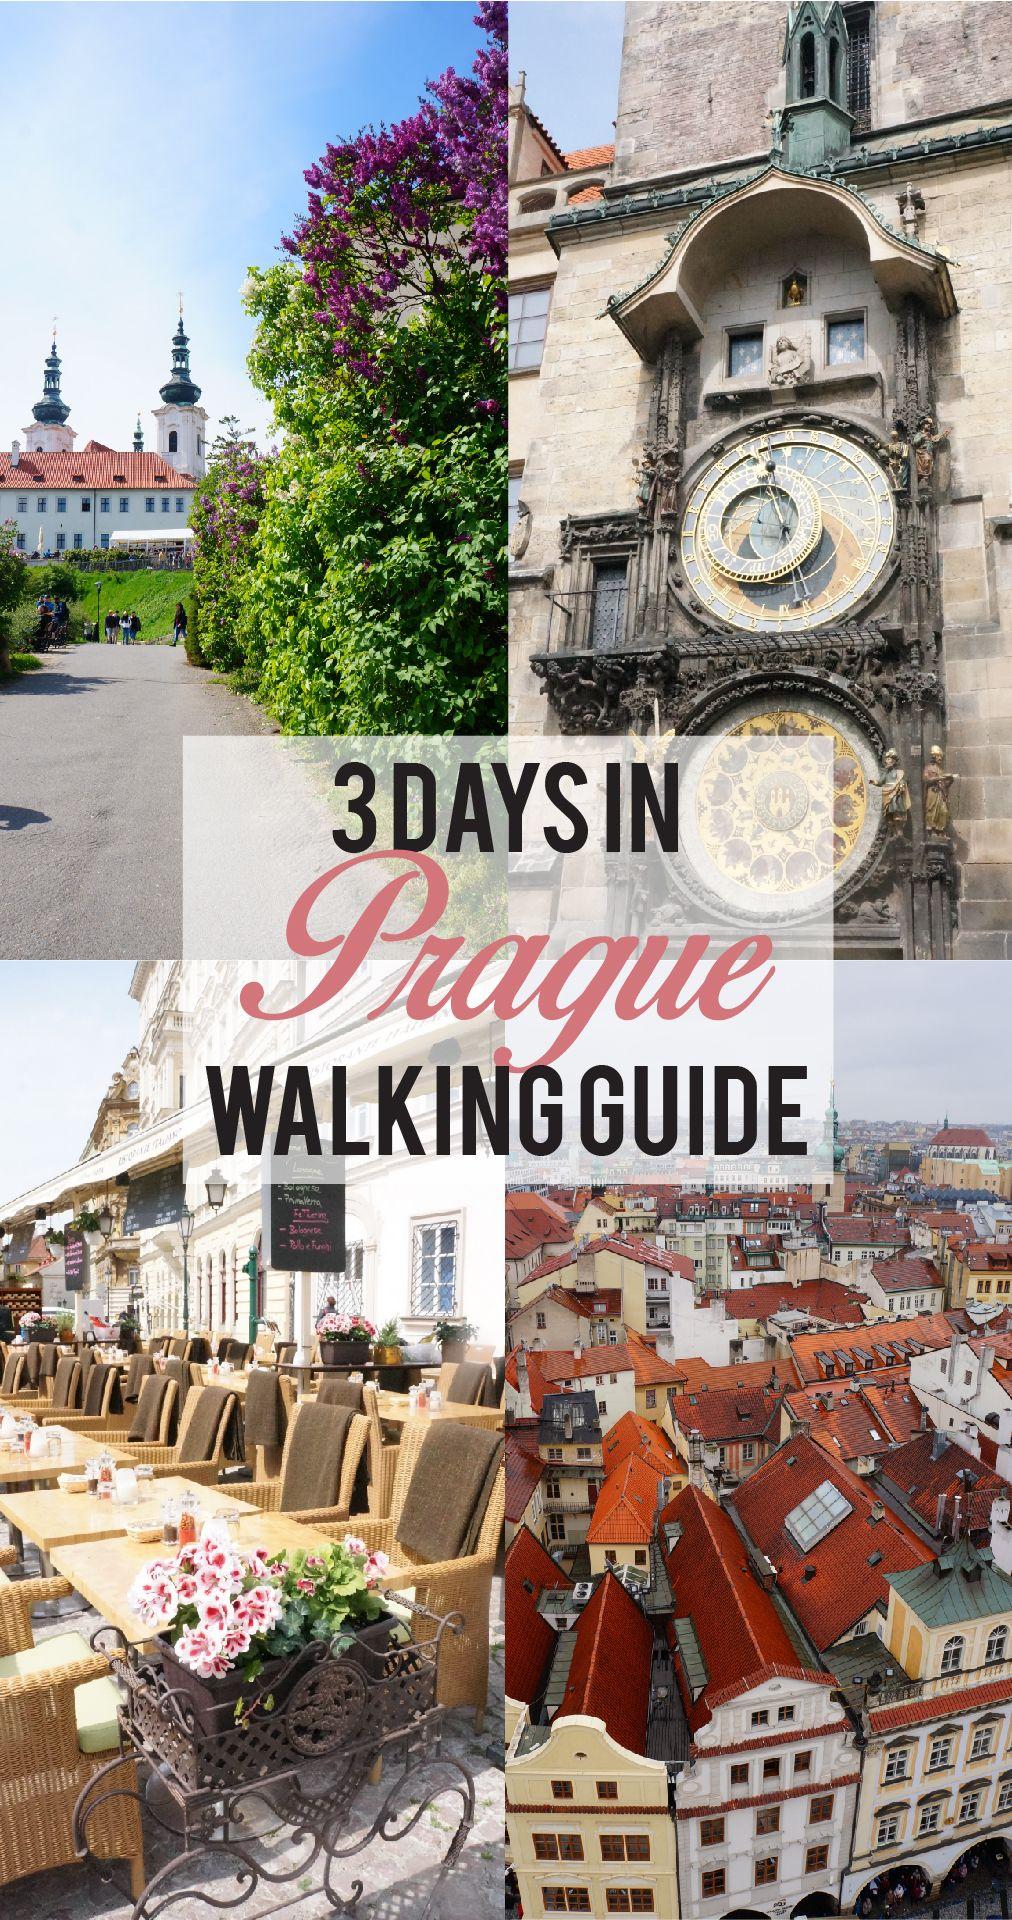 3 Days in Prague: Walking Guide #holidaytrip